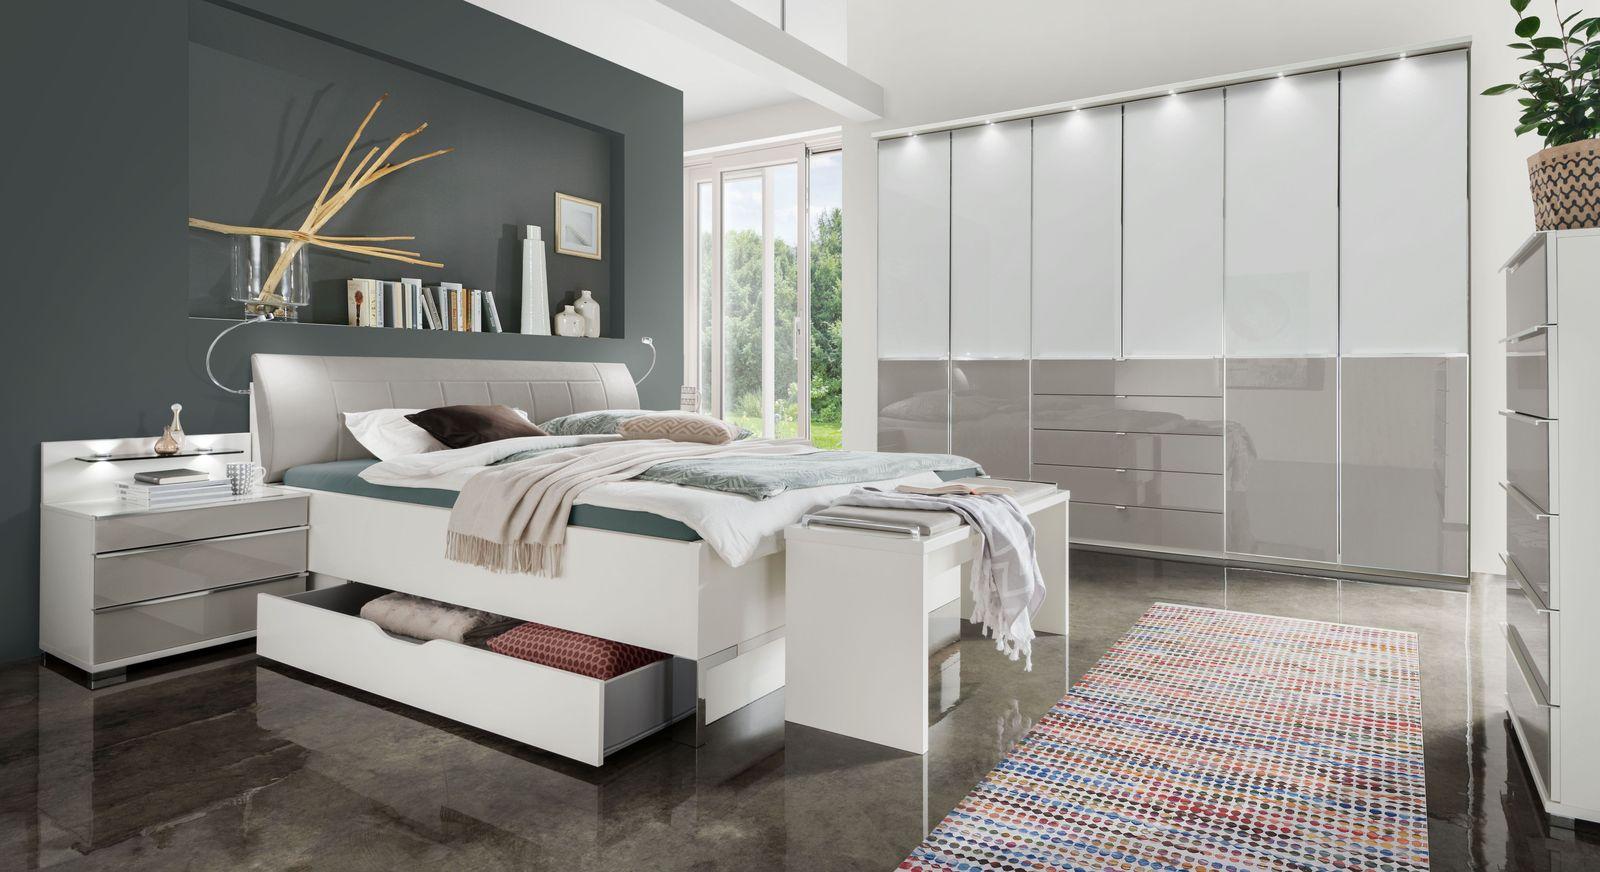 Bett Shanvalley mit passender Schlafzimmer-Ausstattung